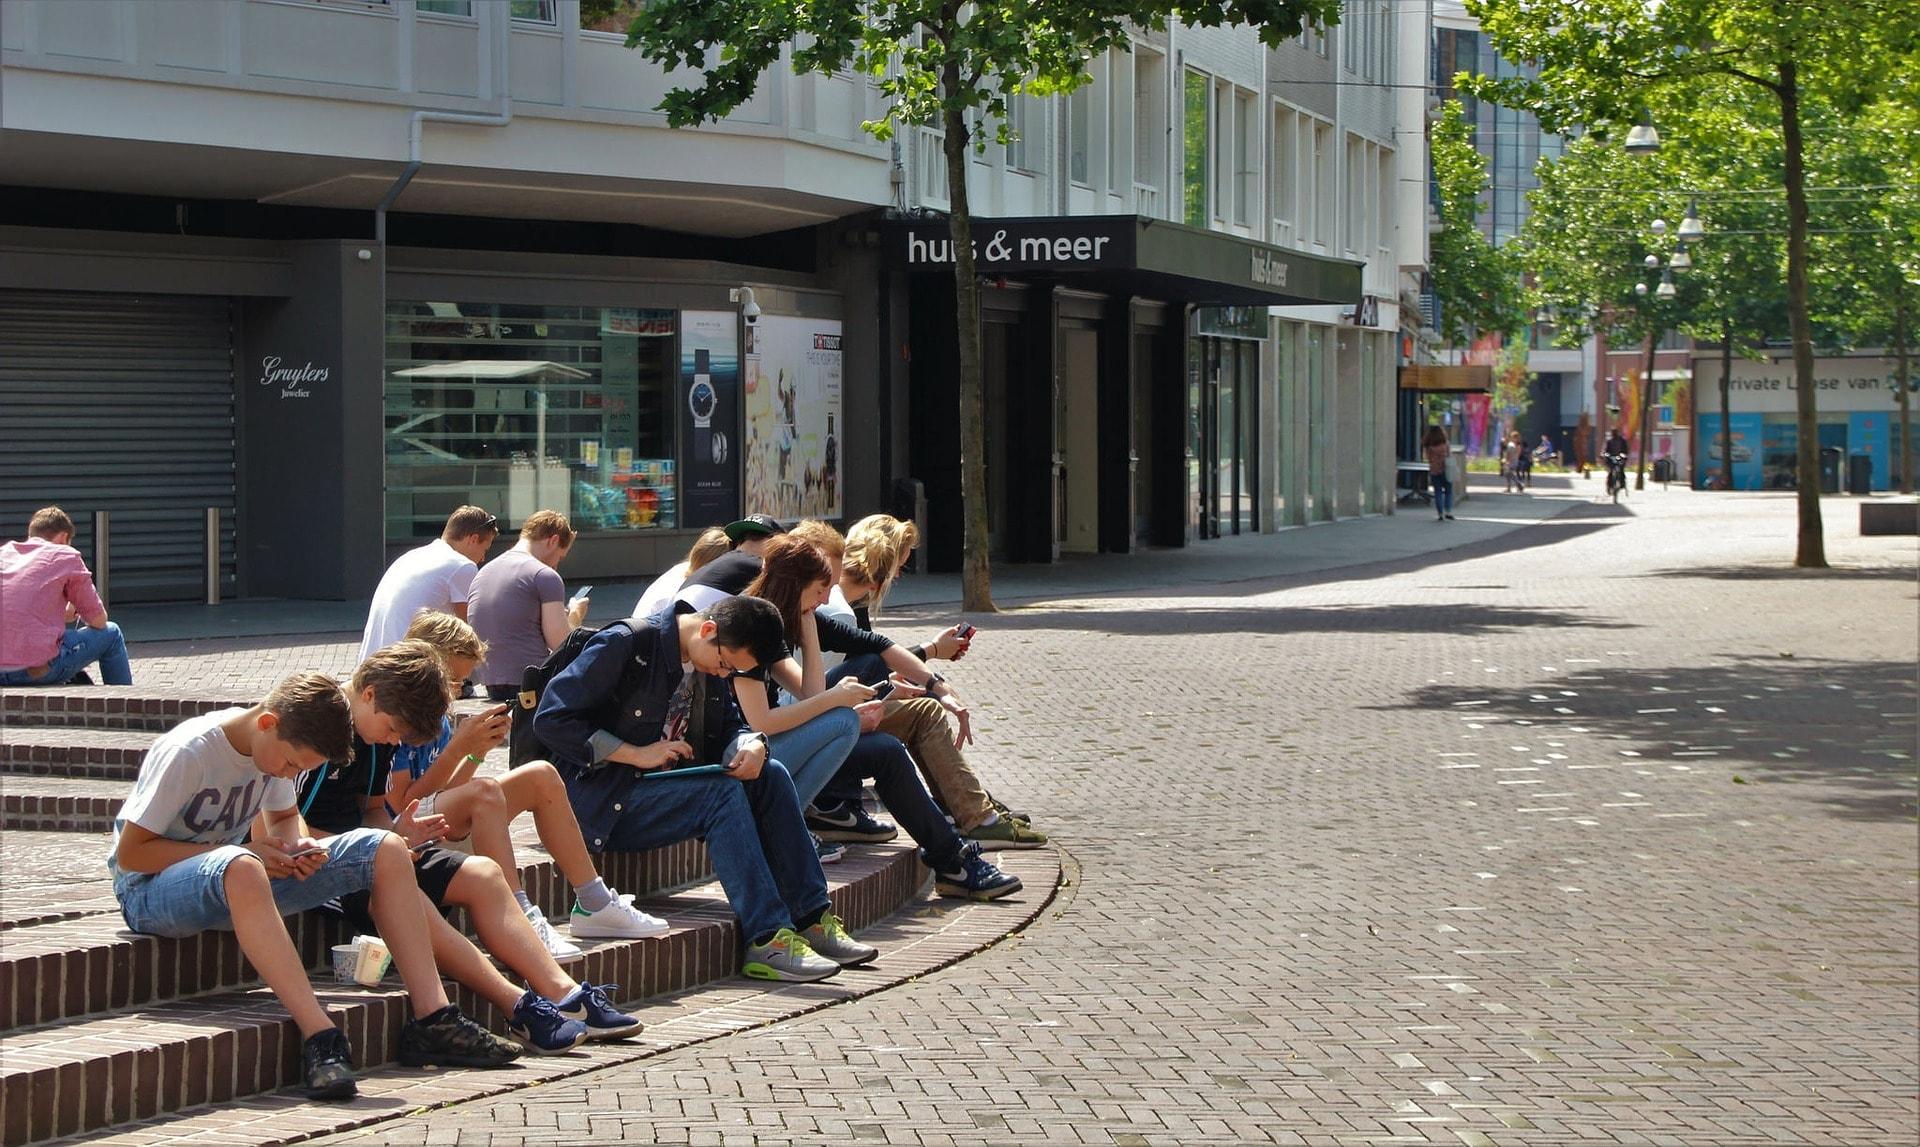 ¿Por qué los jóvenes dedican tanto tiempo a las redes sociales?